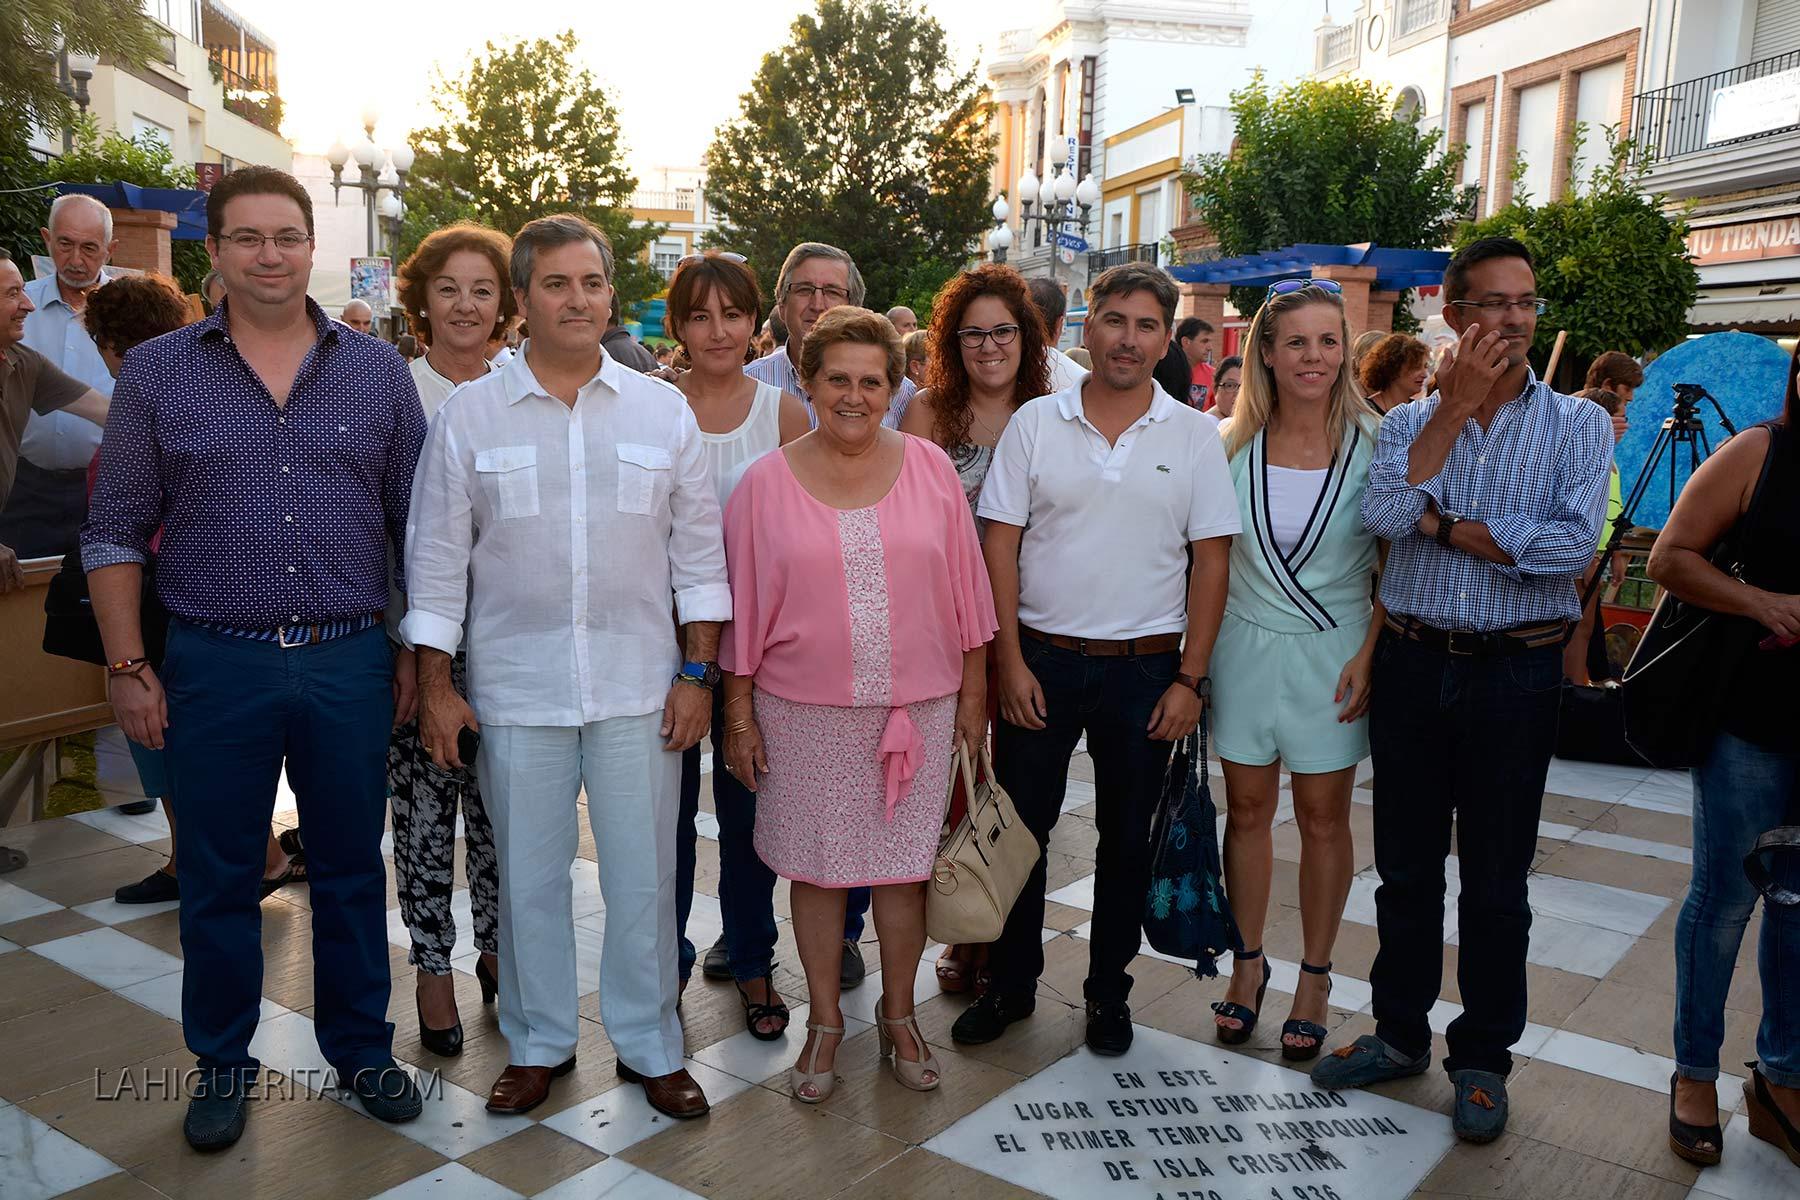 Isla Cristina celebró anoche con gran éxito su 'Noche de Luz'